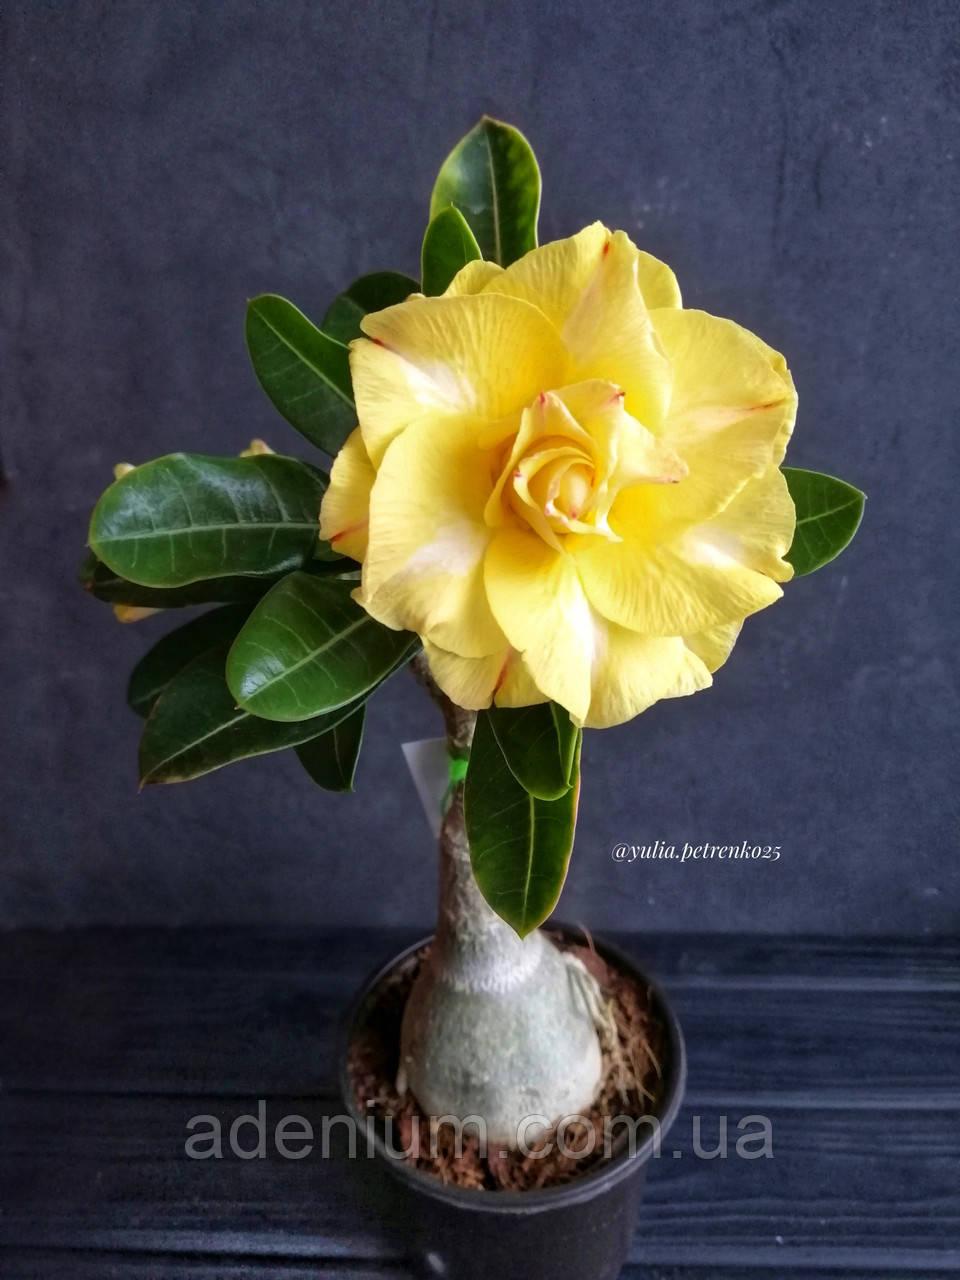 Адениум Chrysantem Terrace (черенок)